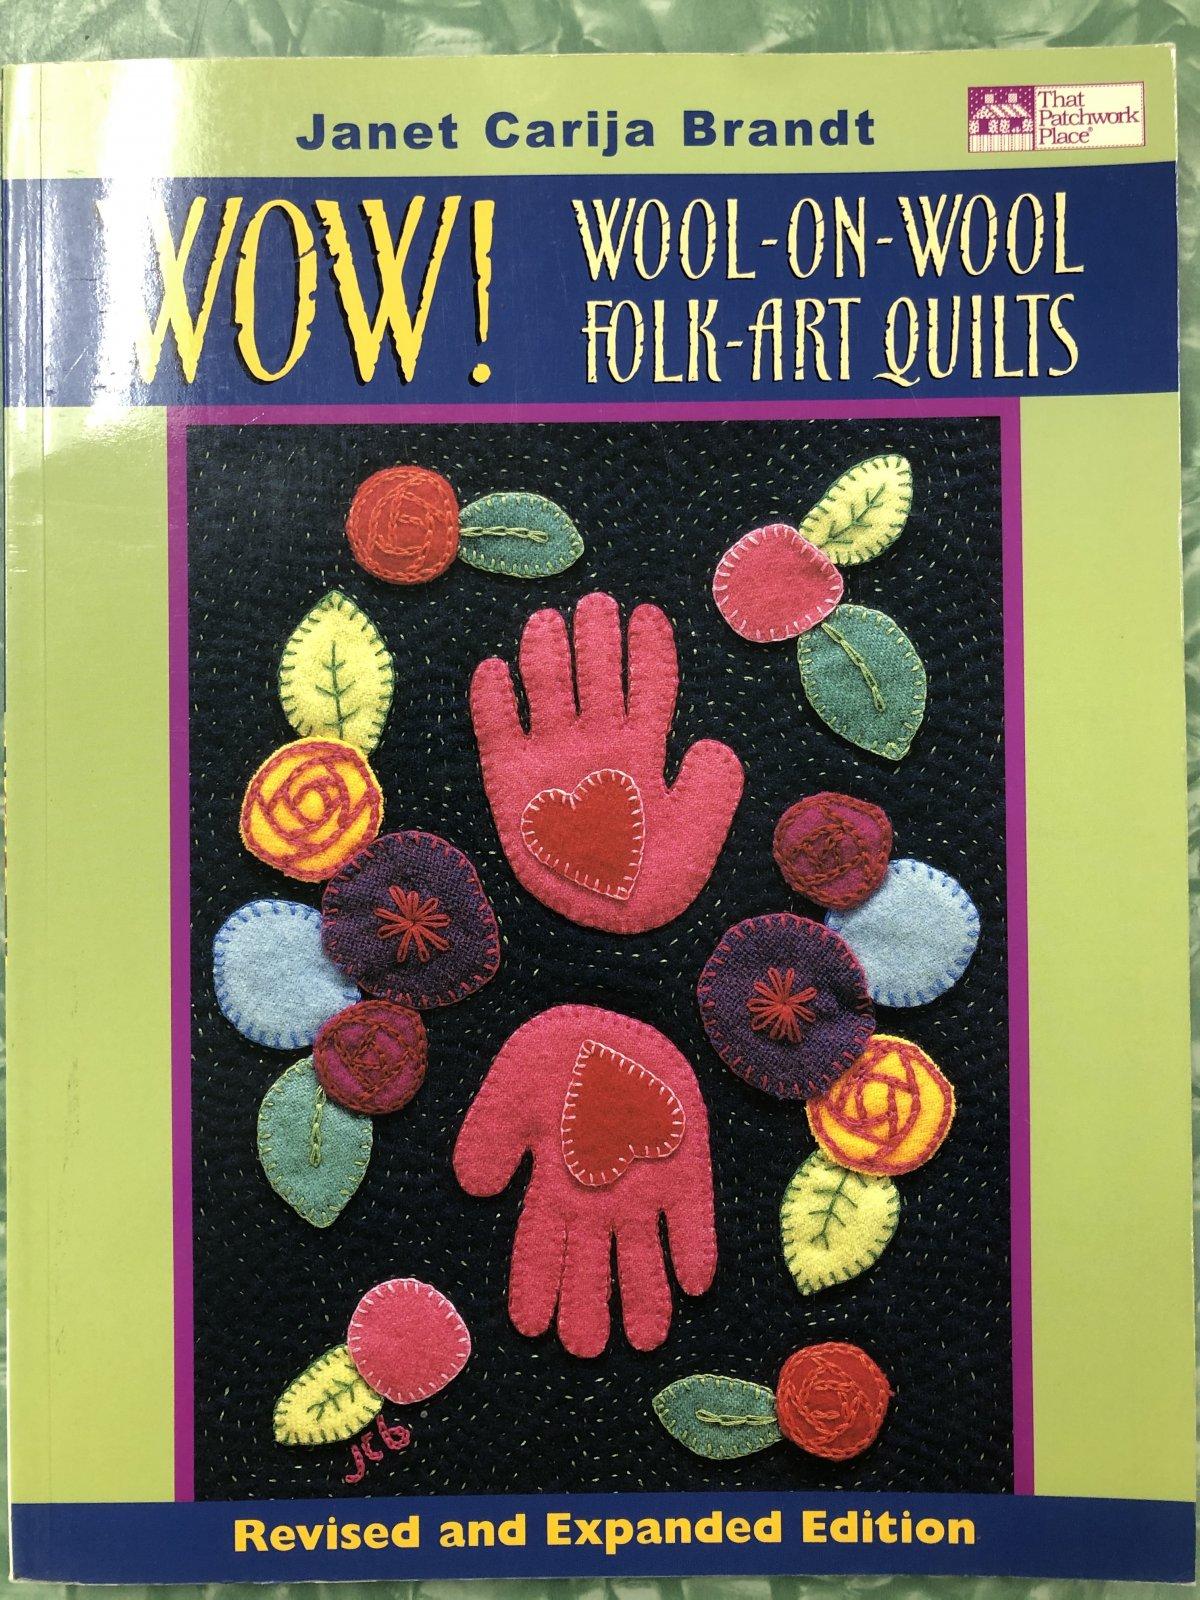 Wow Wool on Wool Folk Art Quilts